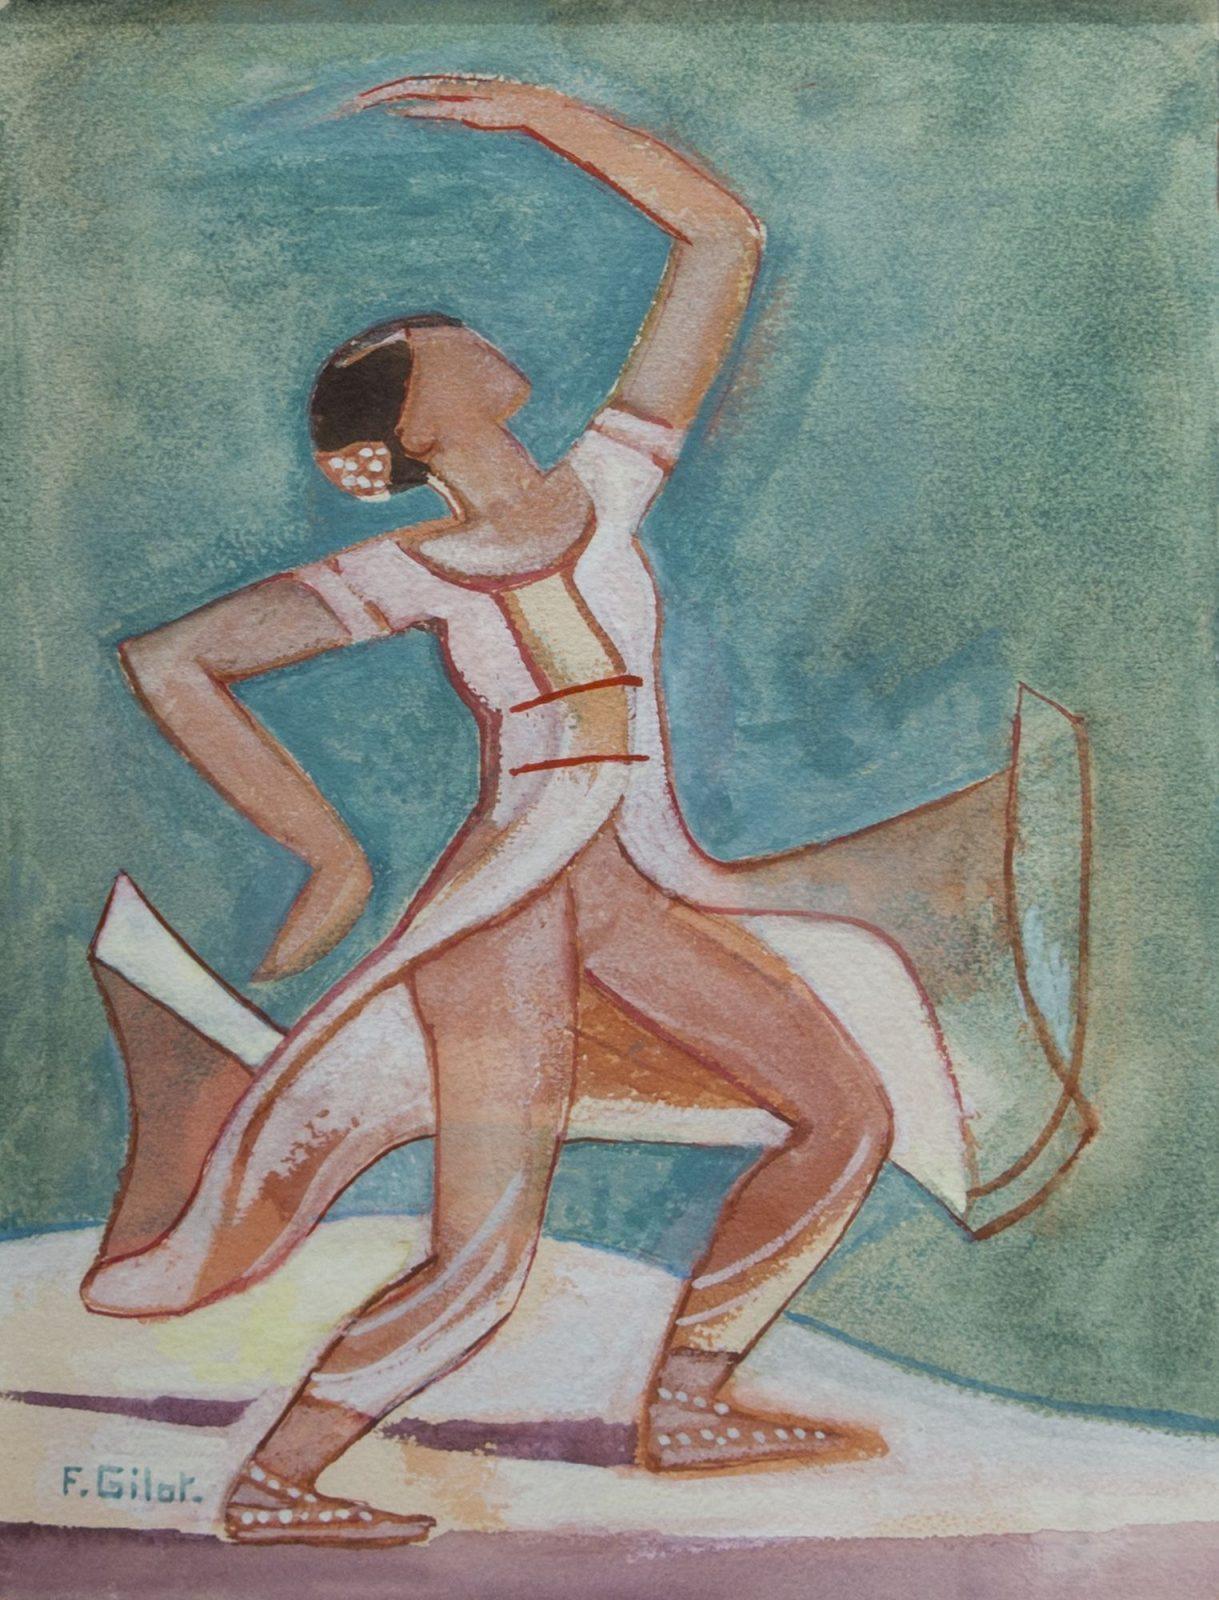 Françoise Gilot: Indian Dancer